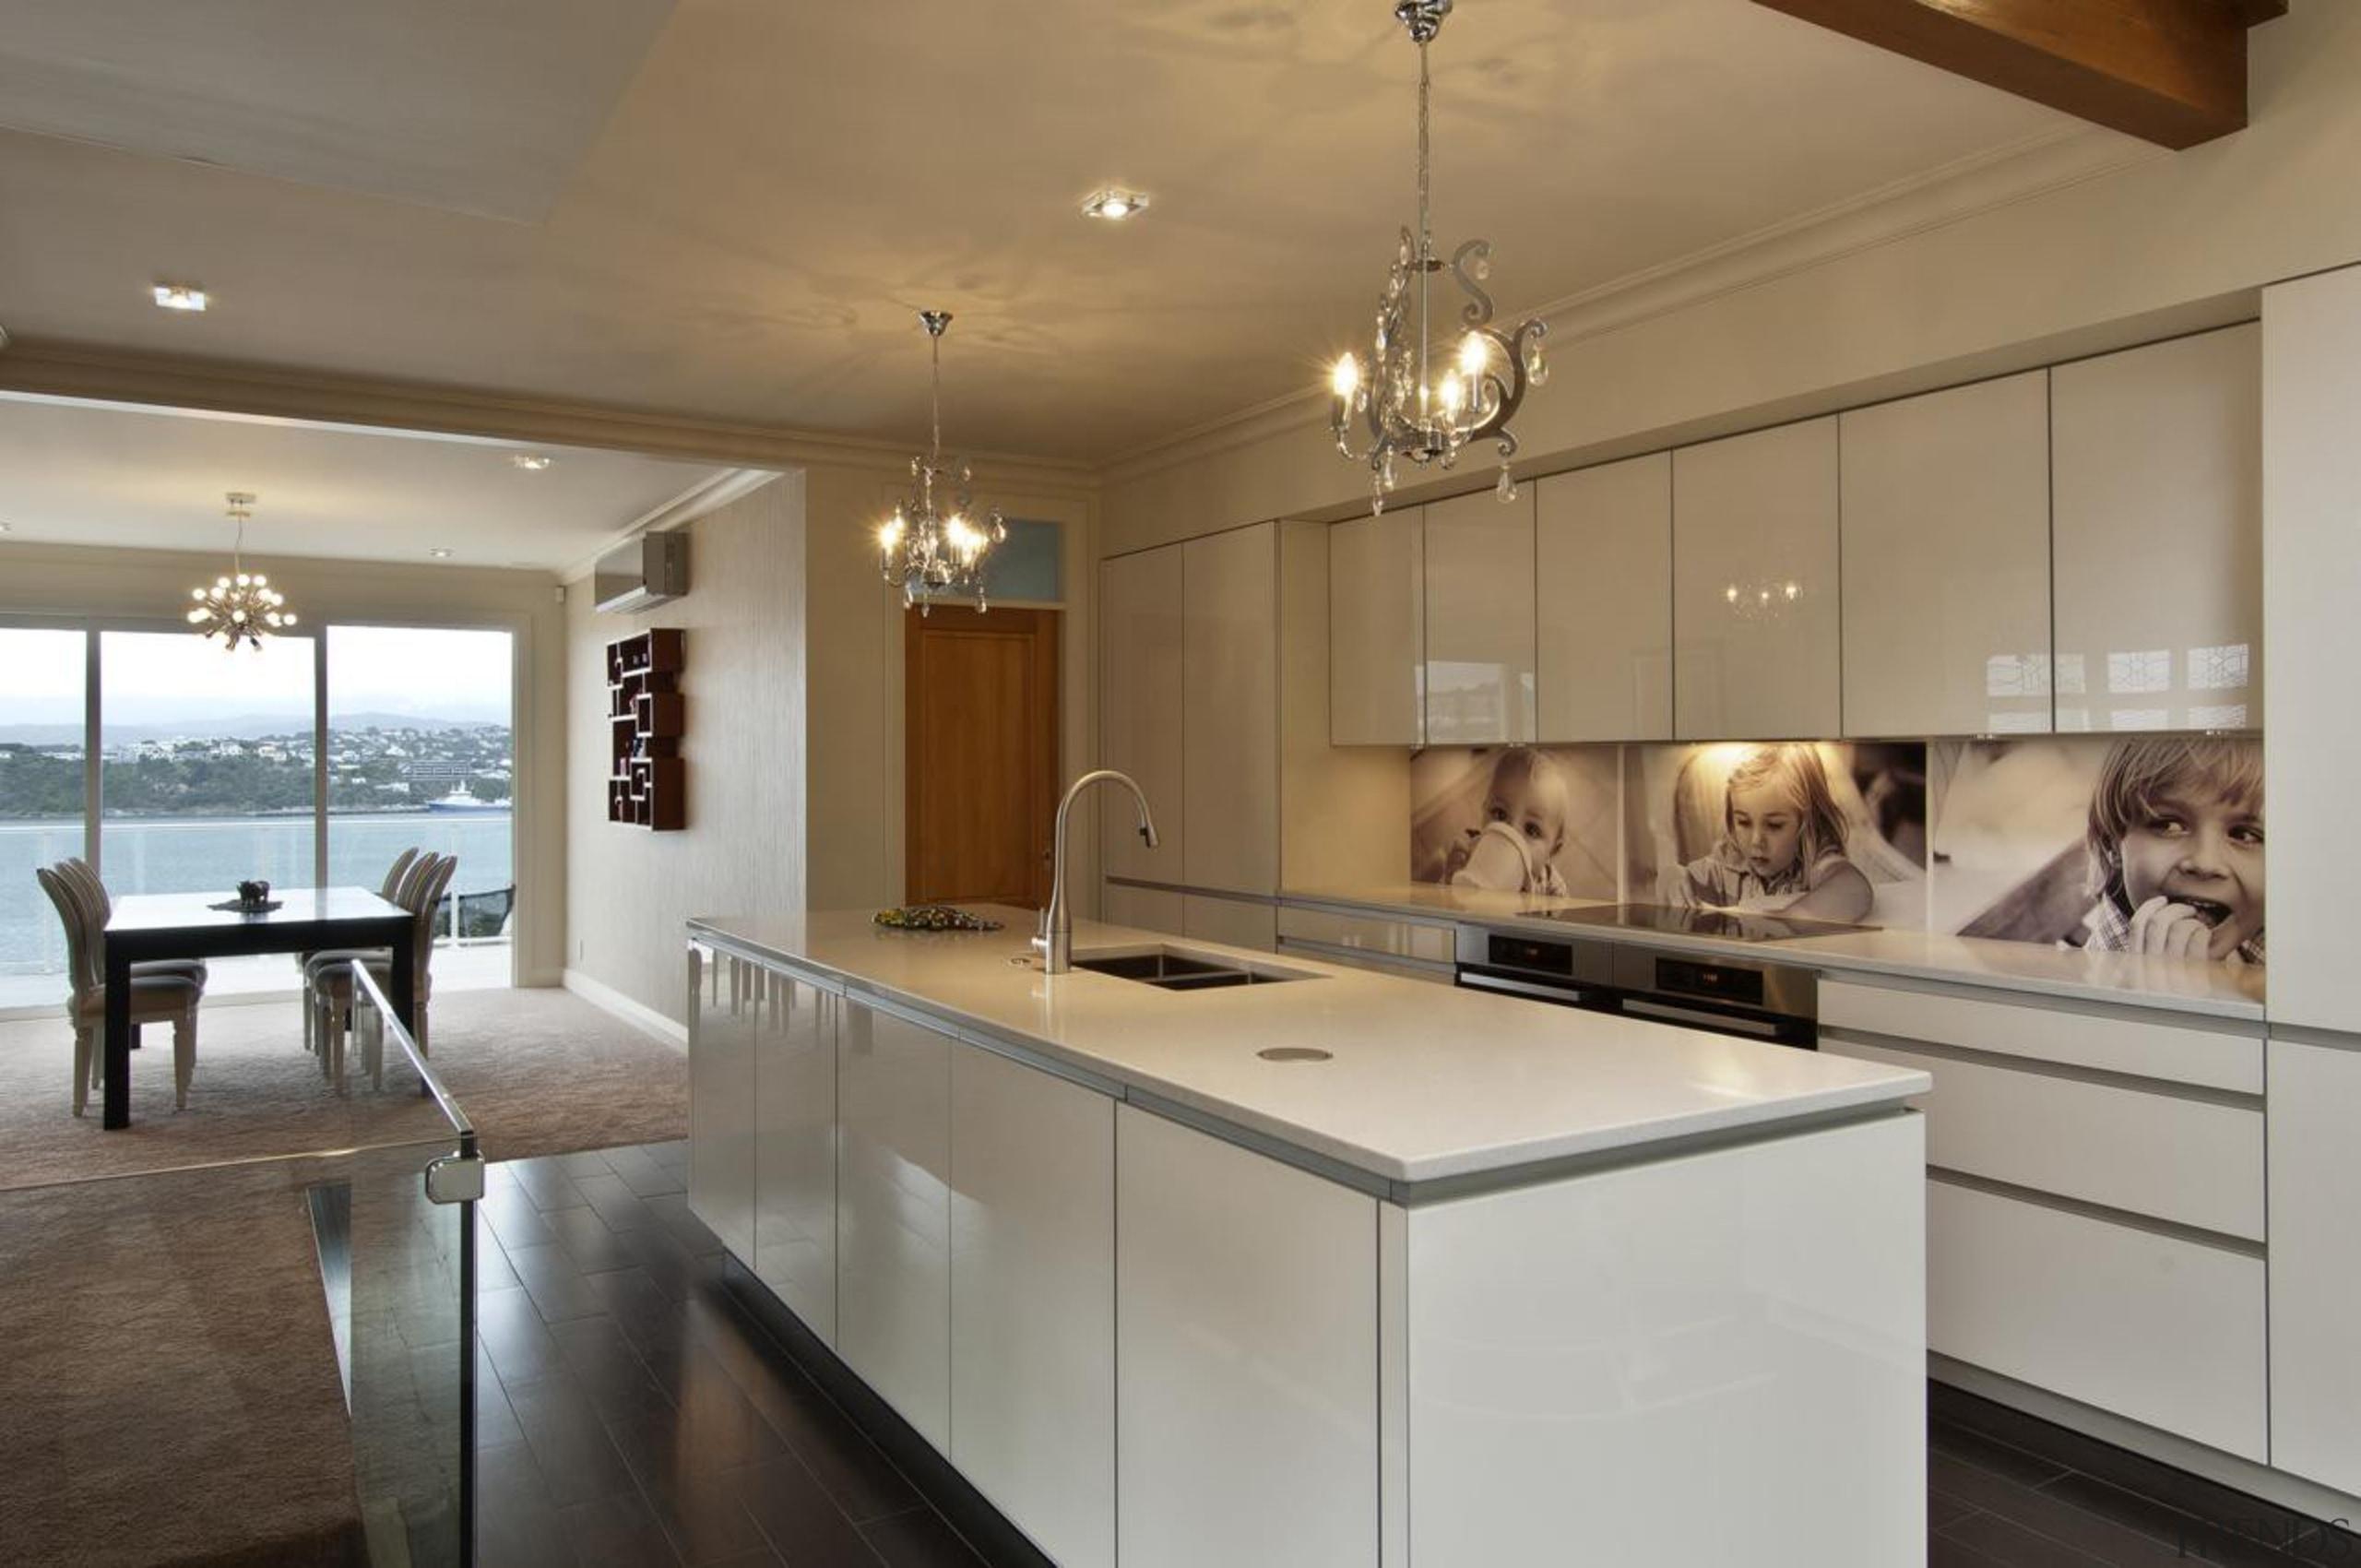 Hataitai Kitchen - Hataitai Kitchen - countertop | countertop, cuisine classique, interior design, kitchen, real estate, room, gray, brown